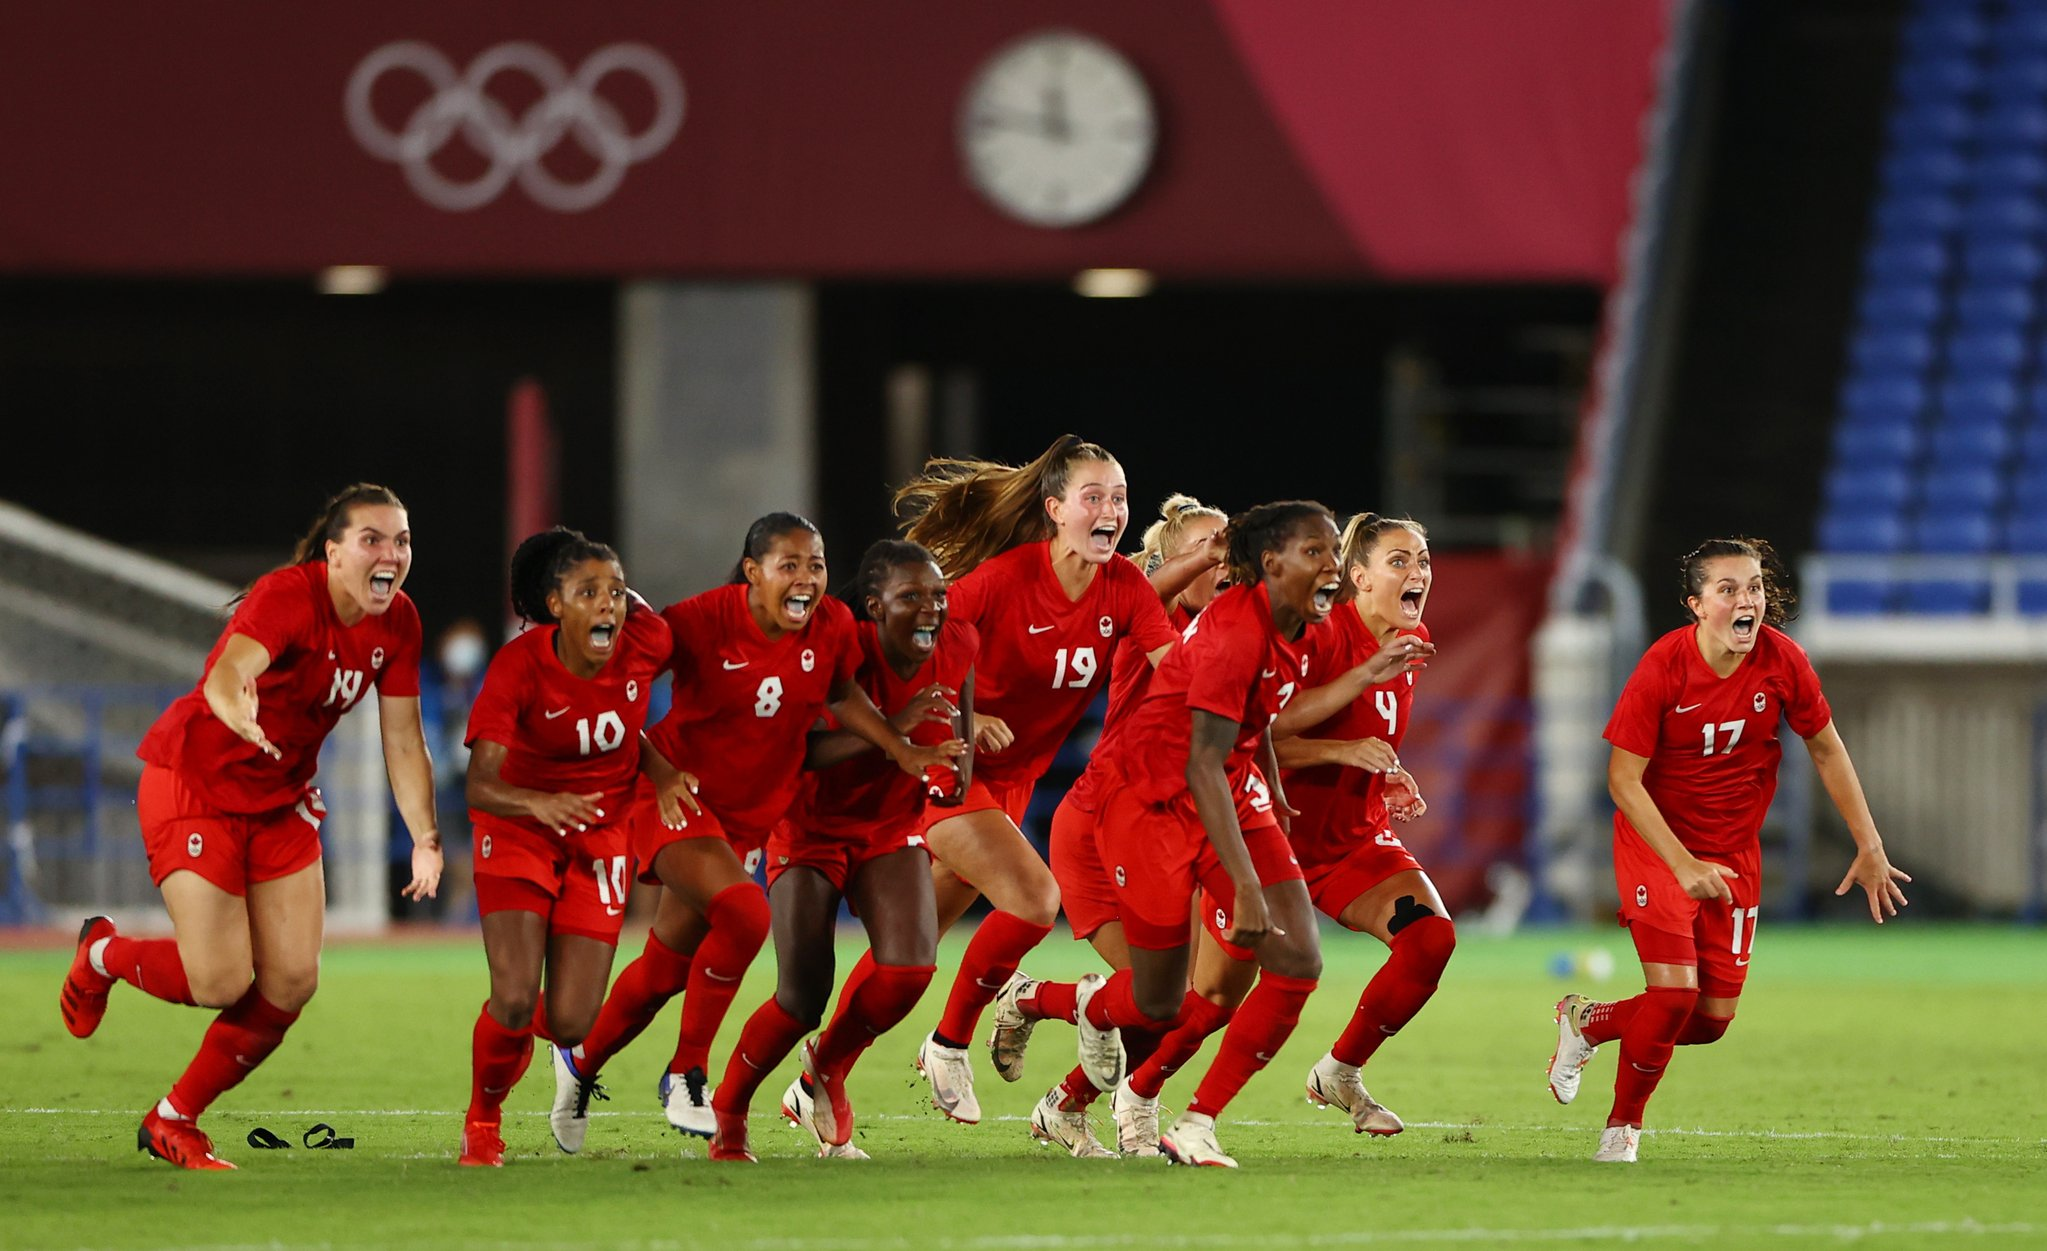 Le Canada est devenue la 4e sélection titrée aux JO (photo Canada Soccer)